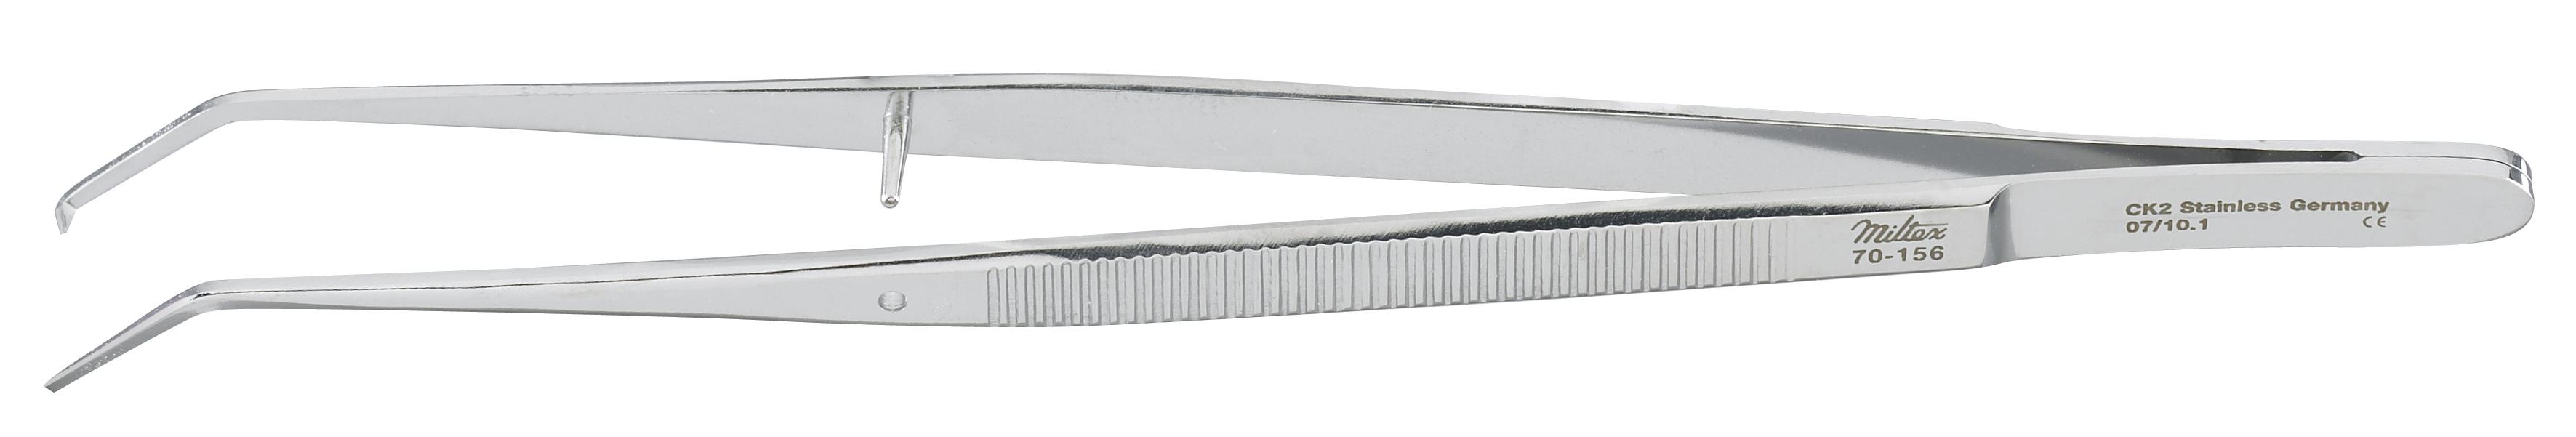 crane-kaplan-pocket-marker-2-70-156-miltex.jpg